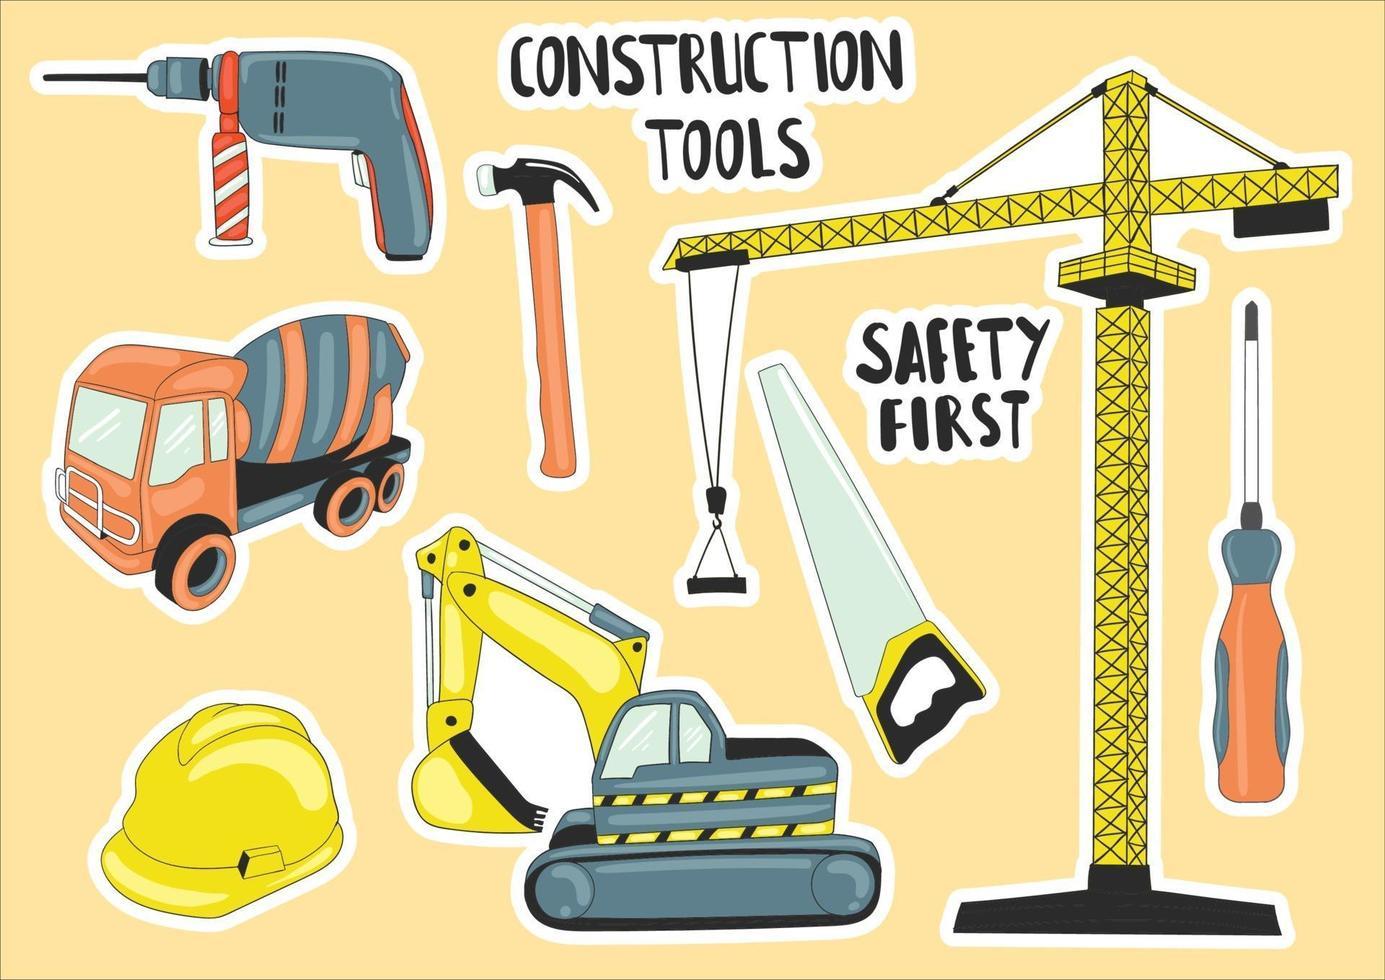 elemento de ferramentas de construção colorido desenhado à mão vetor